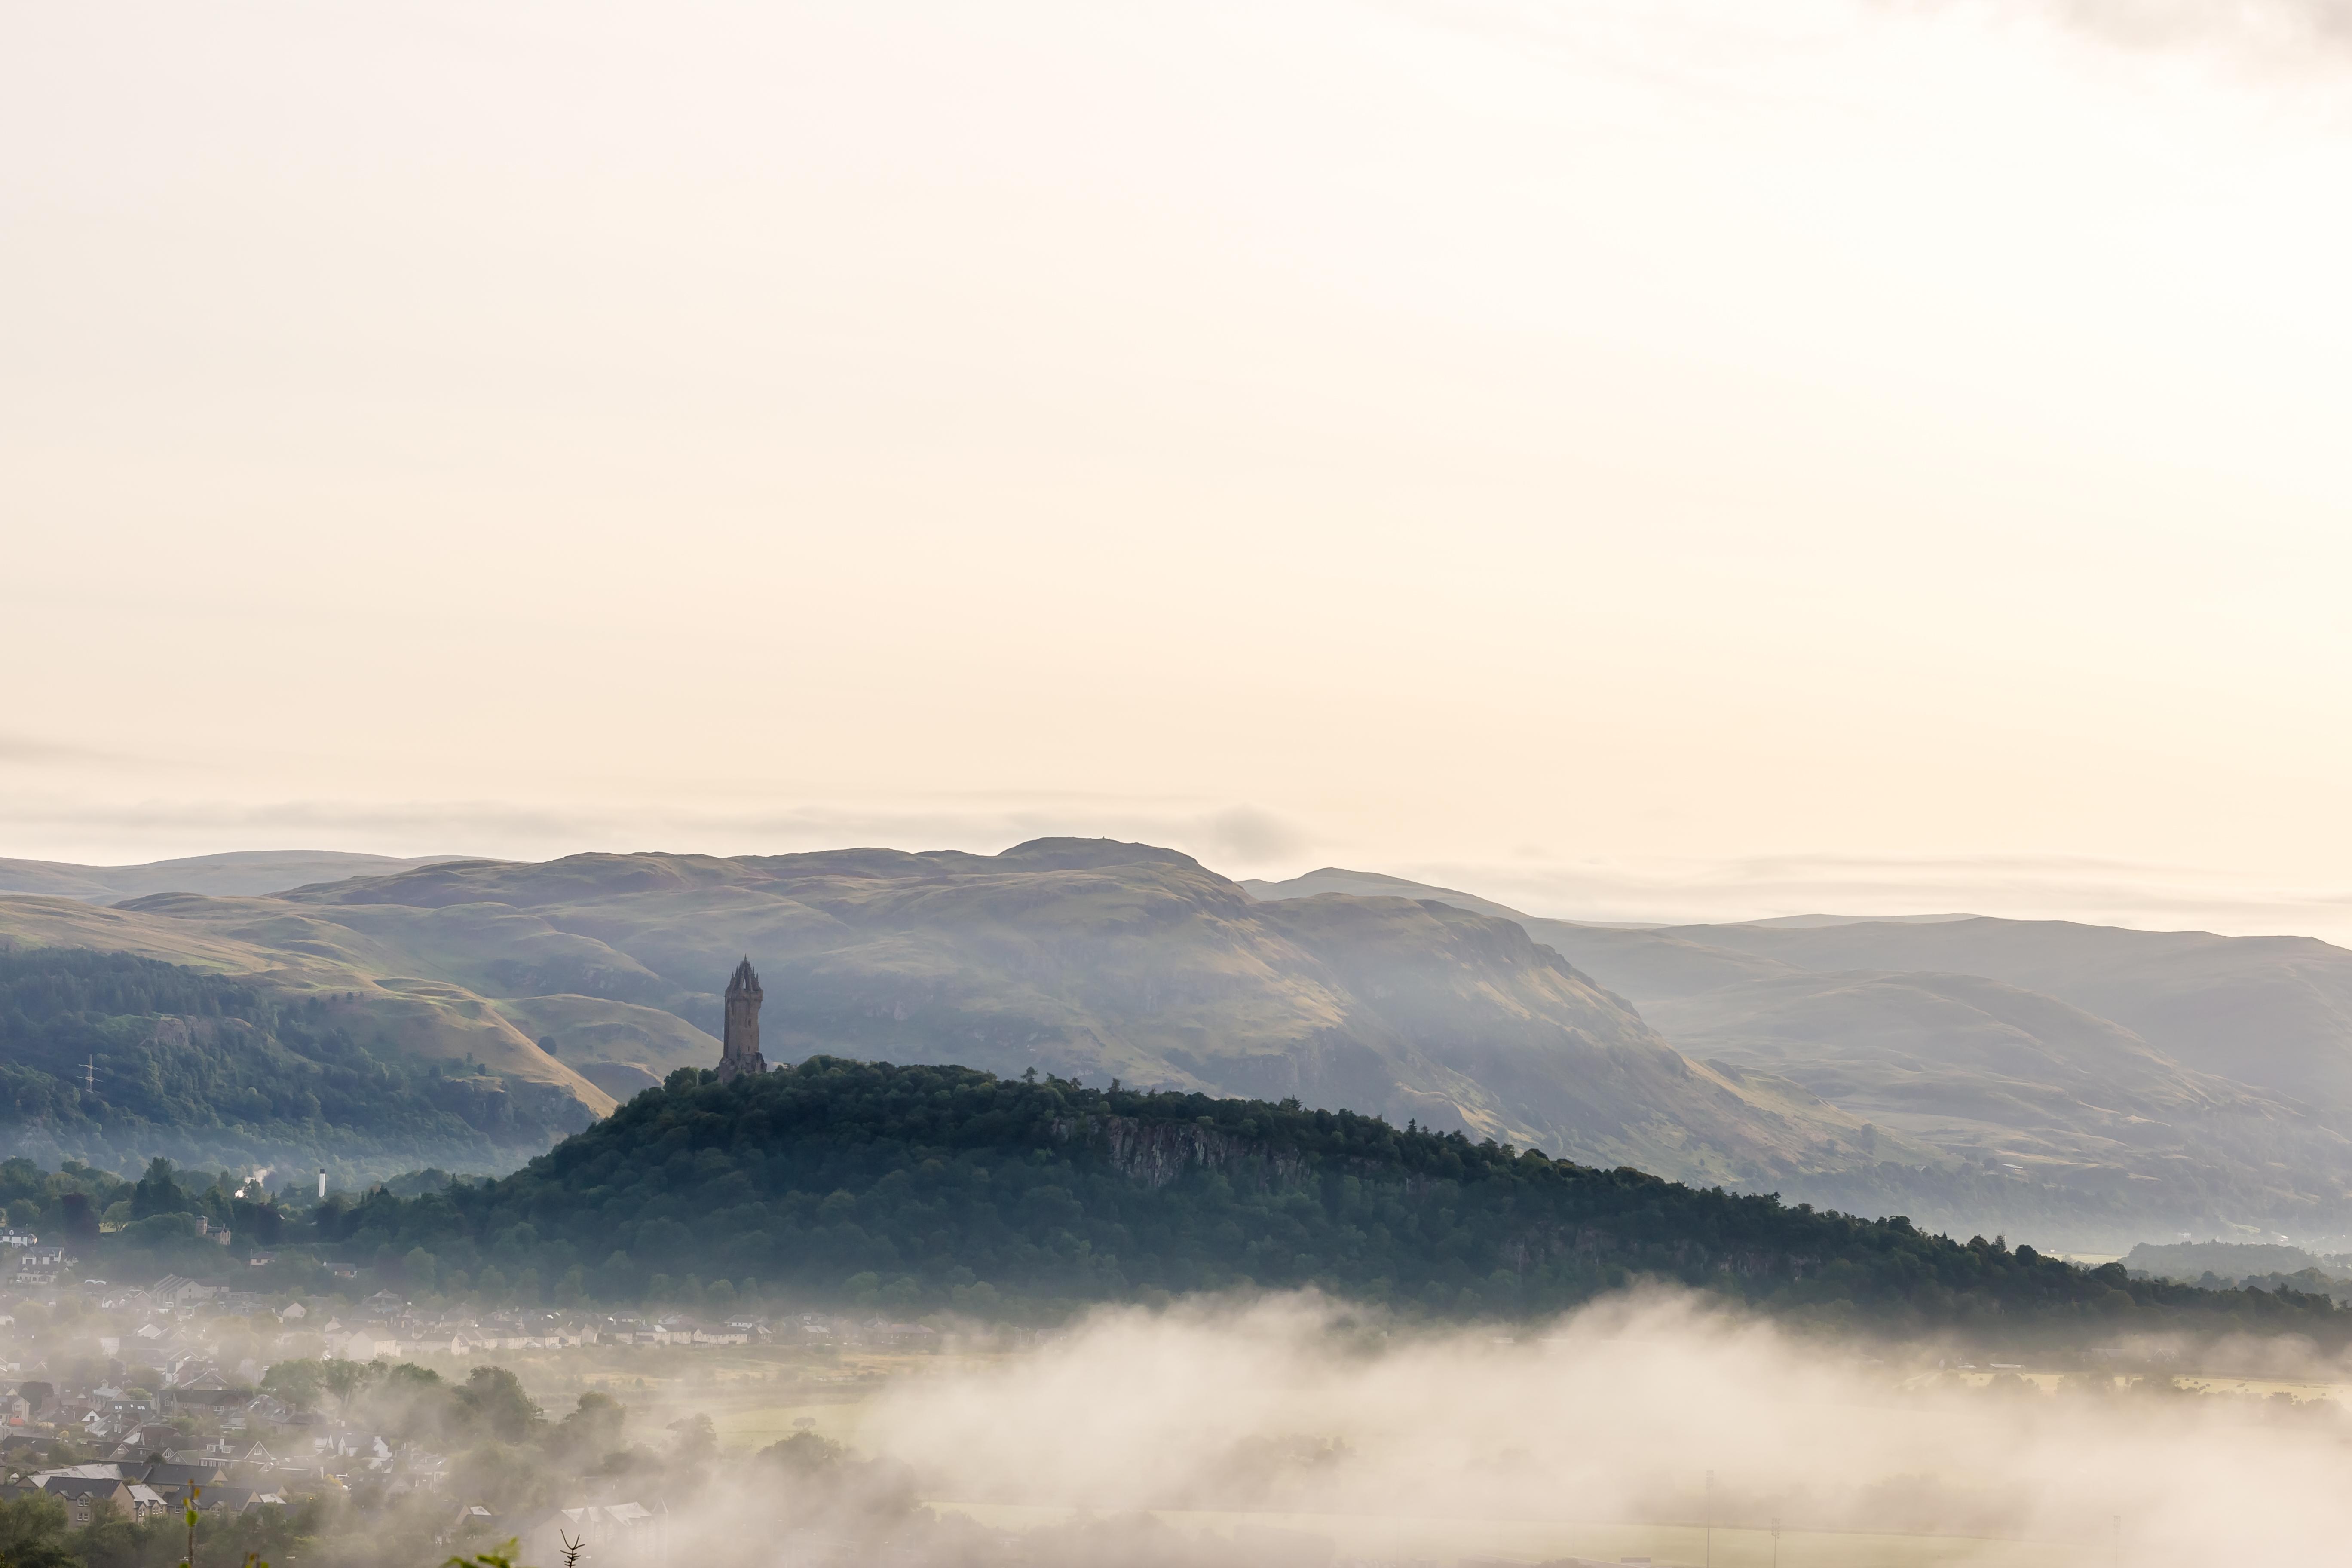 Monumento de William Wallace en Stirling, heroe nacional de Escocia conocido en todo el mundo gracias a la película Braveheart.